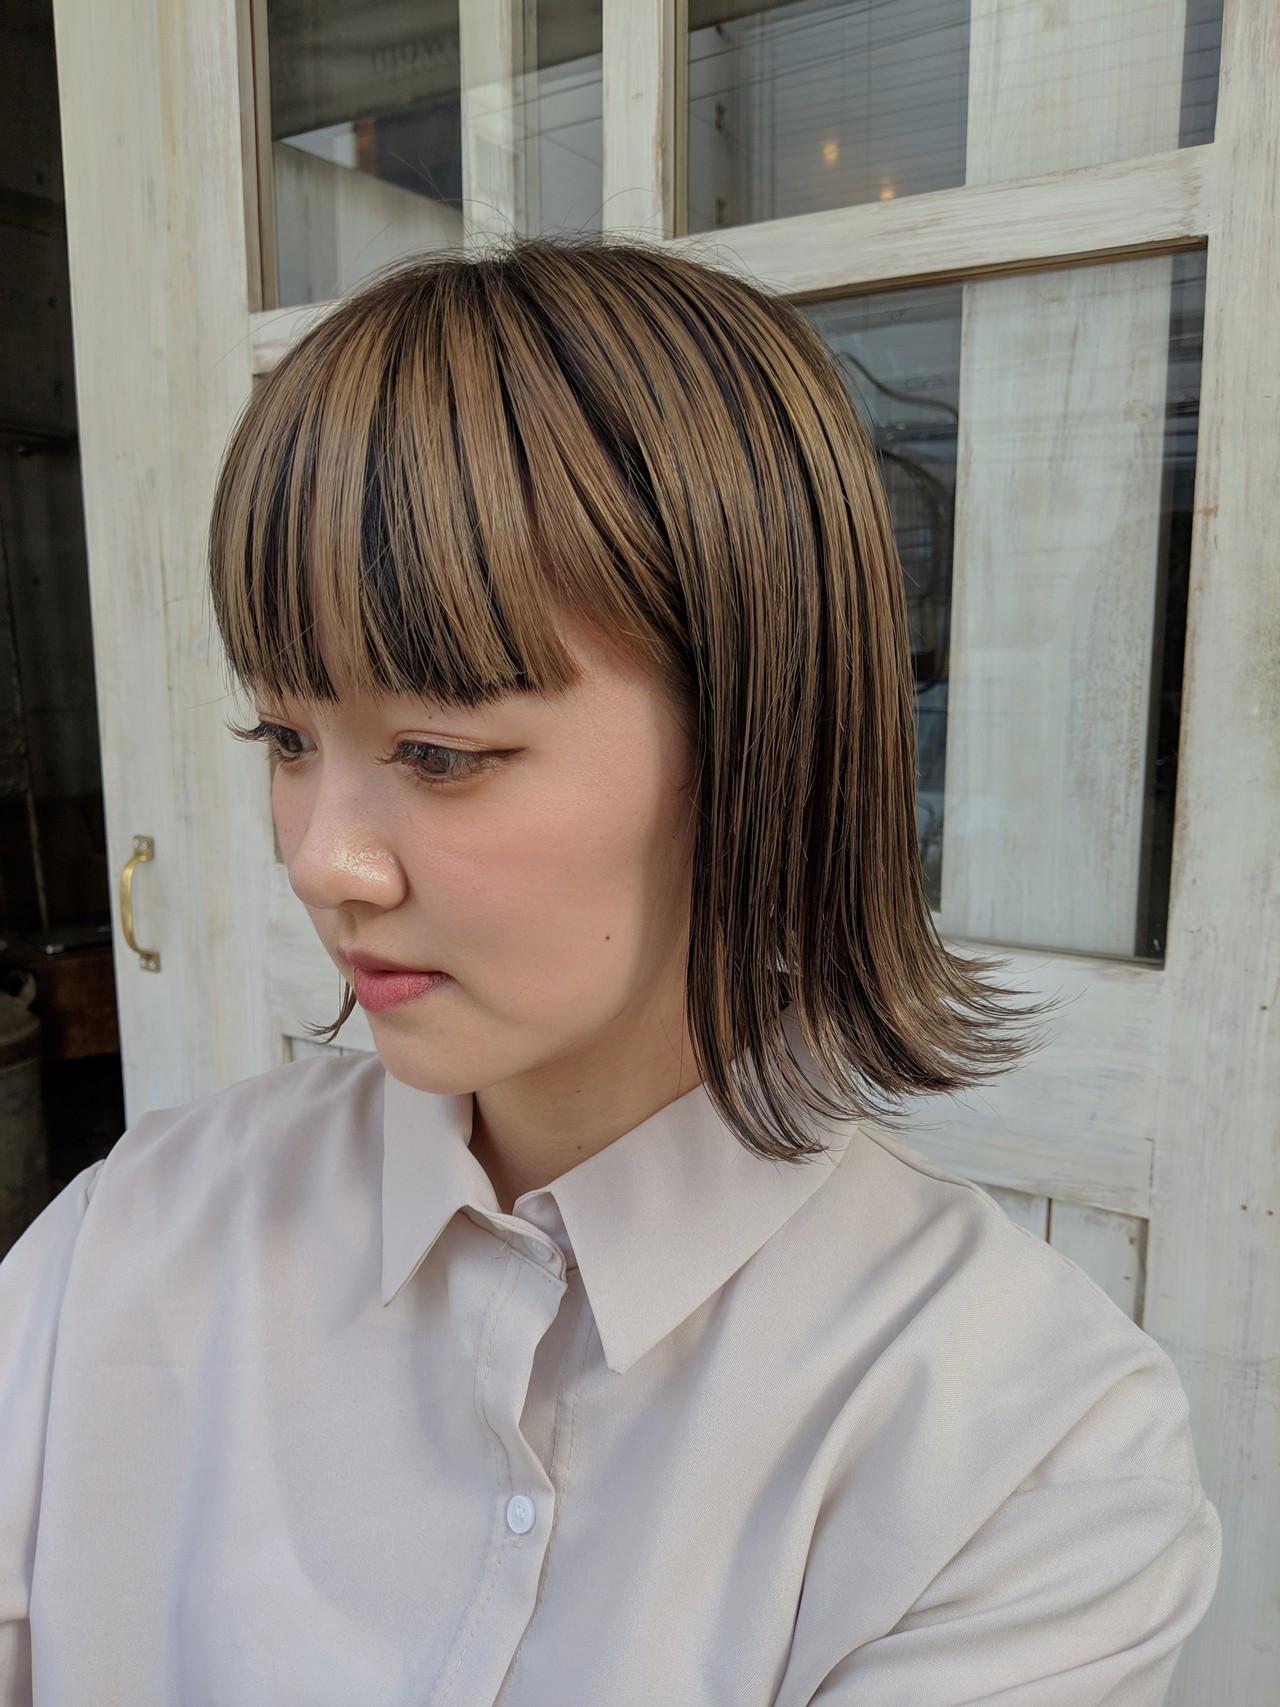 ボブ ベージュ ローライト アッシュベージュ ヘアスタイルや髪型の写真・画像